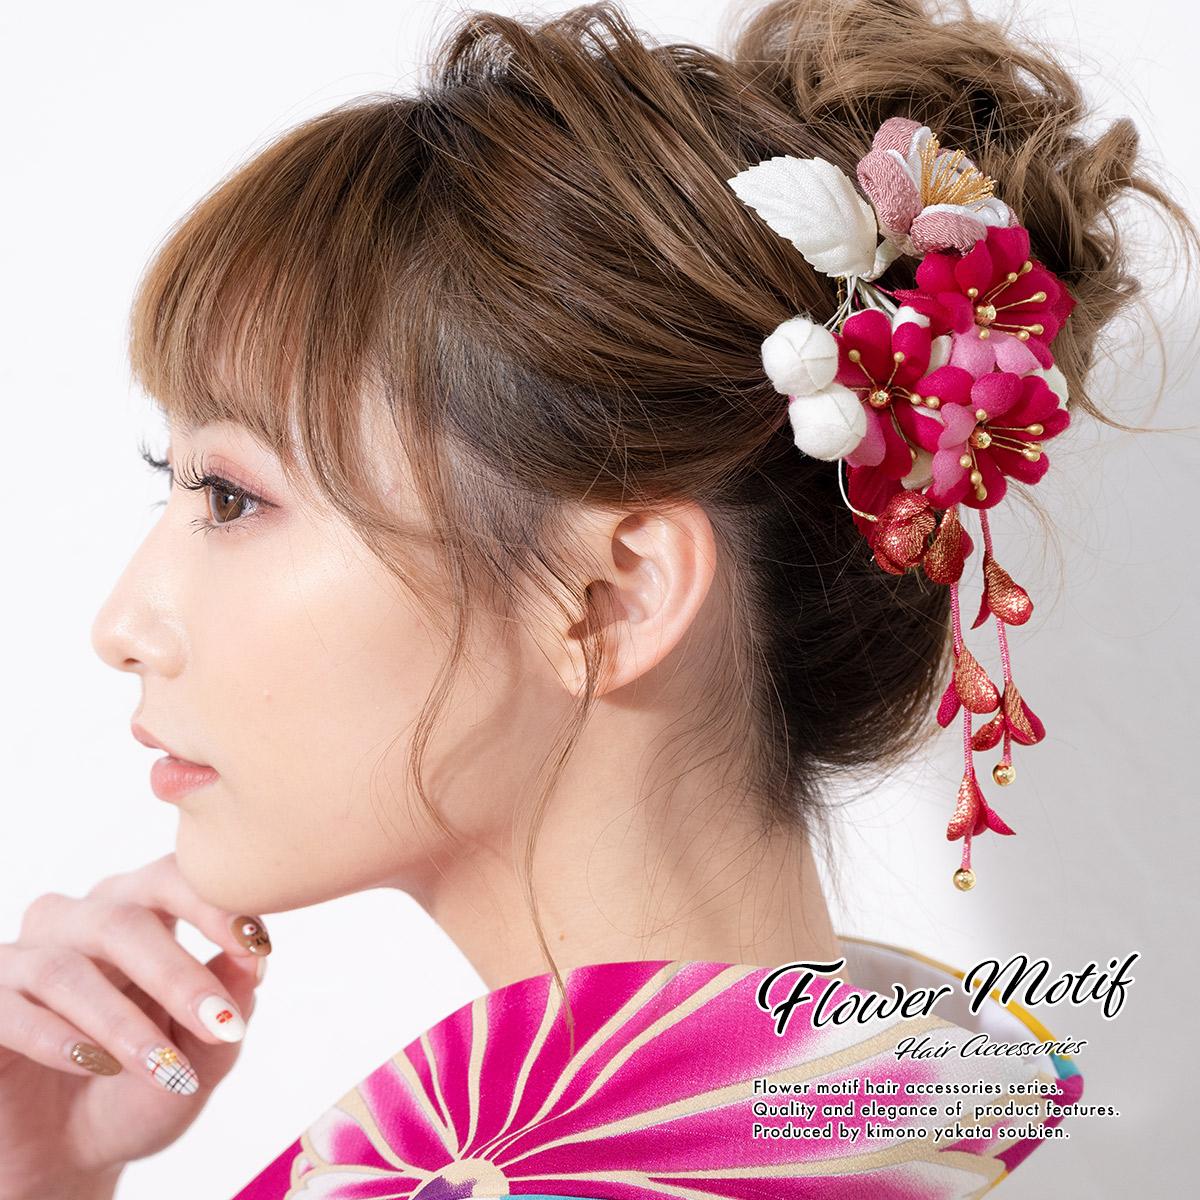 和服浴衣袴的鲜花花粉色洋红色樱桃李梳落紫藤胸罩袂浴衣发夹头发花